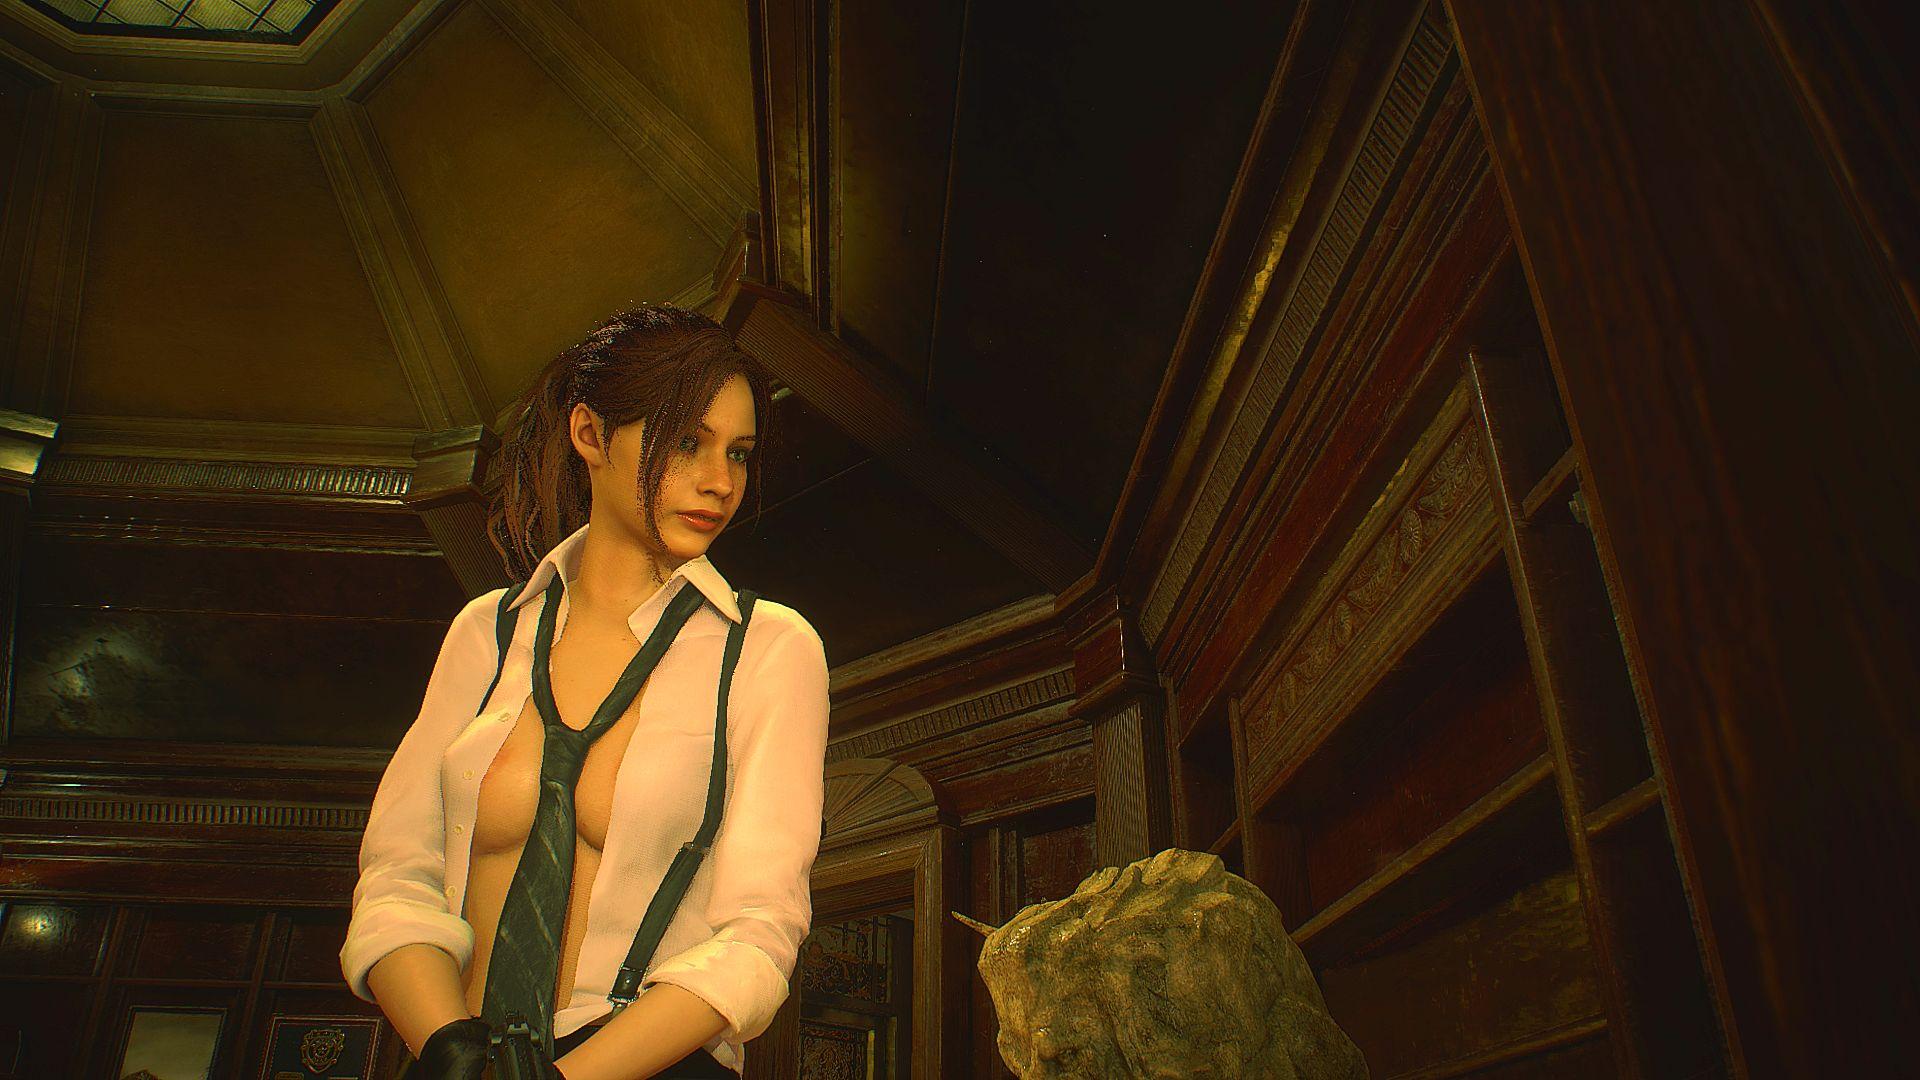 000783.Jpg - Resident Evil 2